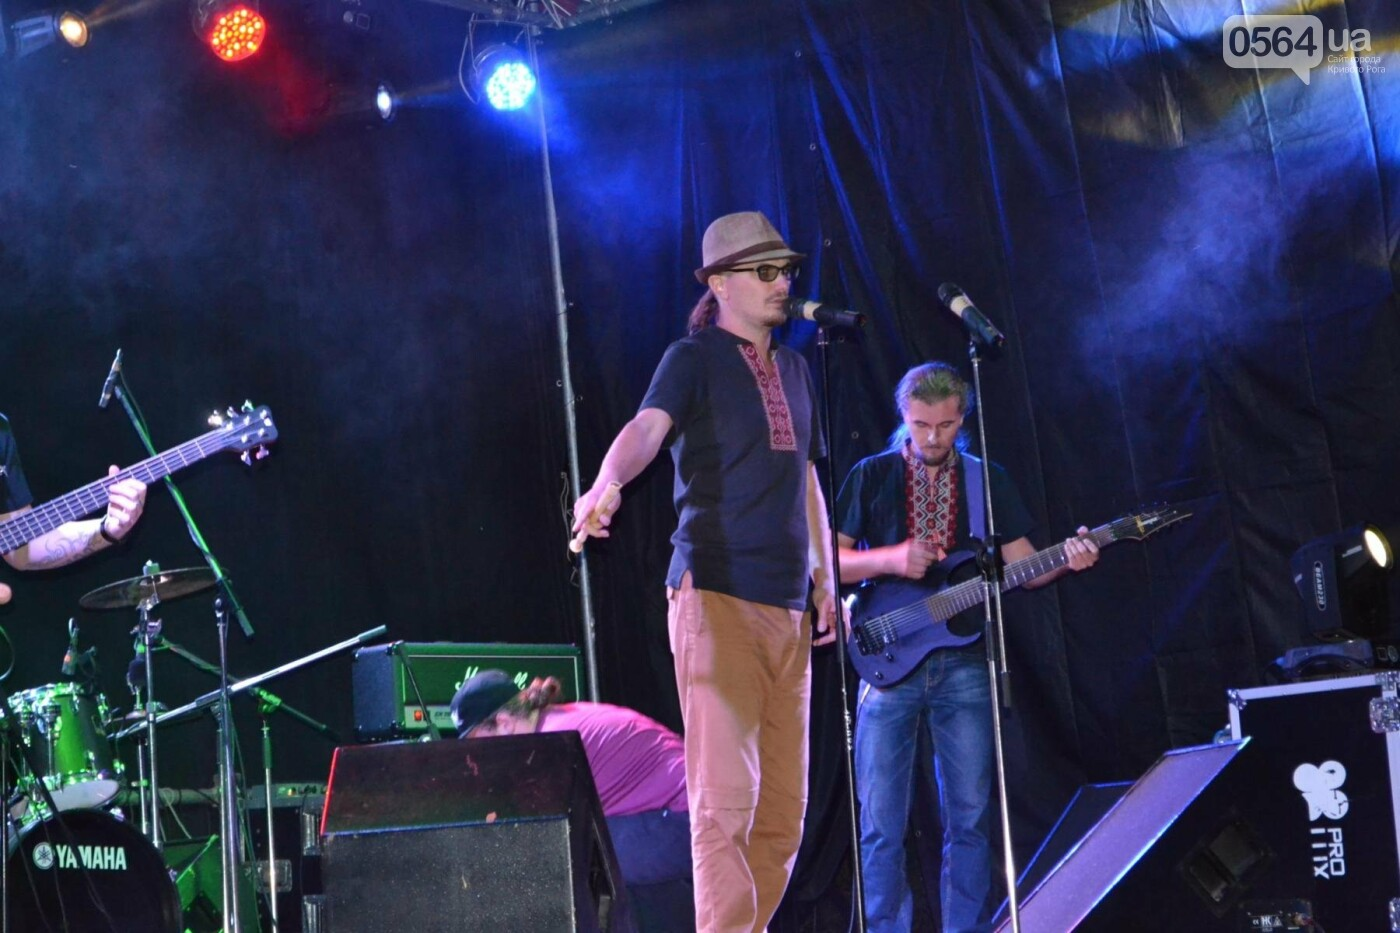 Подведение итогов, награждение победителей и выступление рок-групп, - чем завершился криворожский веломарафон, - ФОТО, ВИДЕО, фото-16